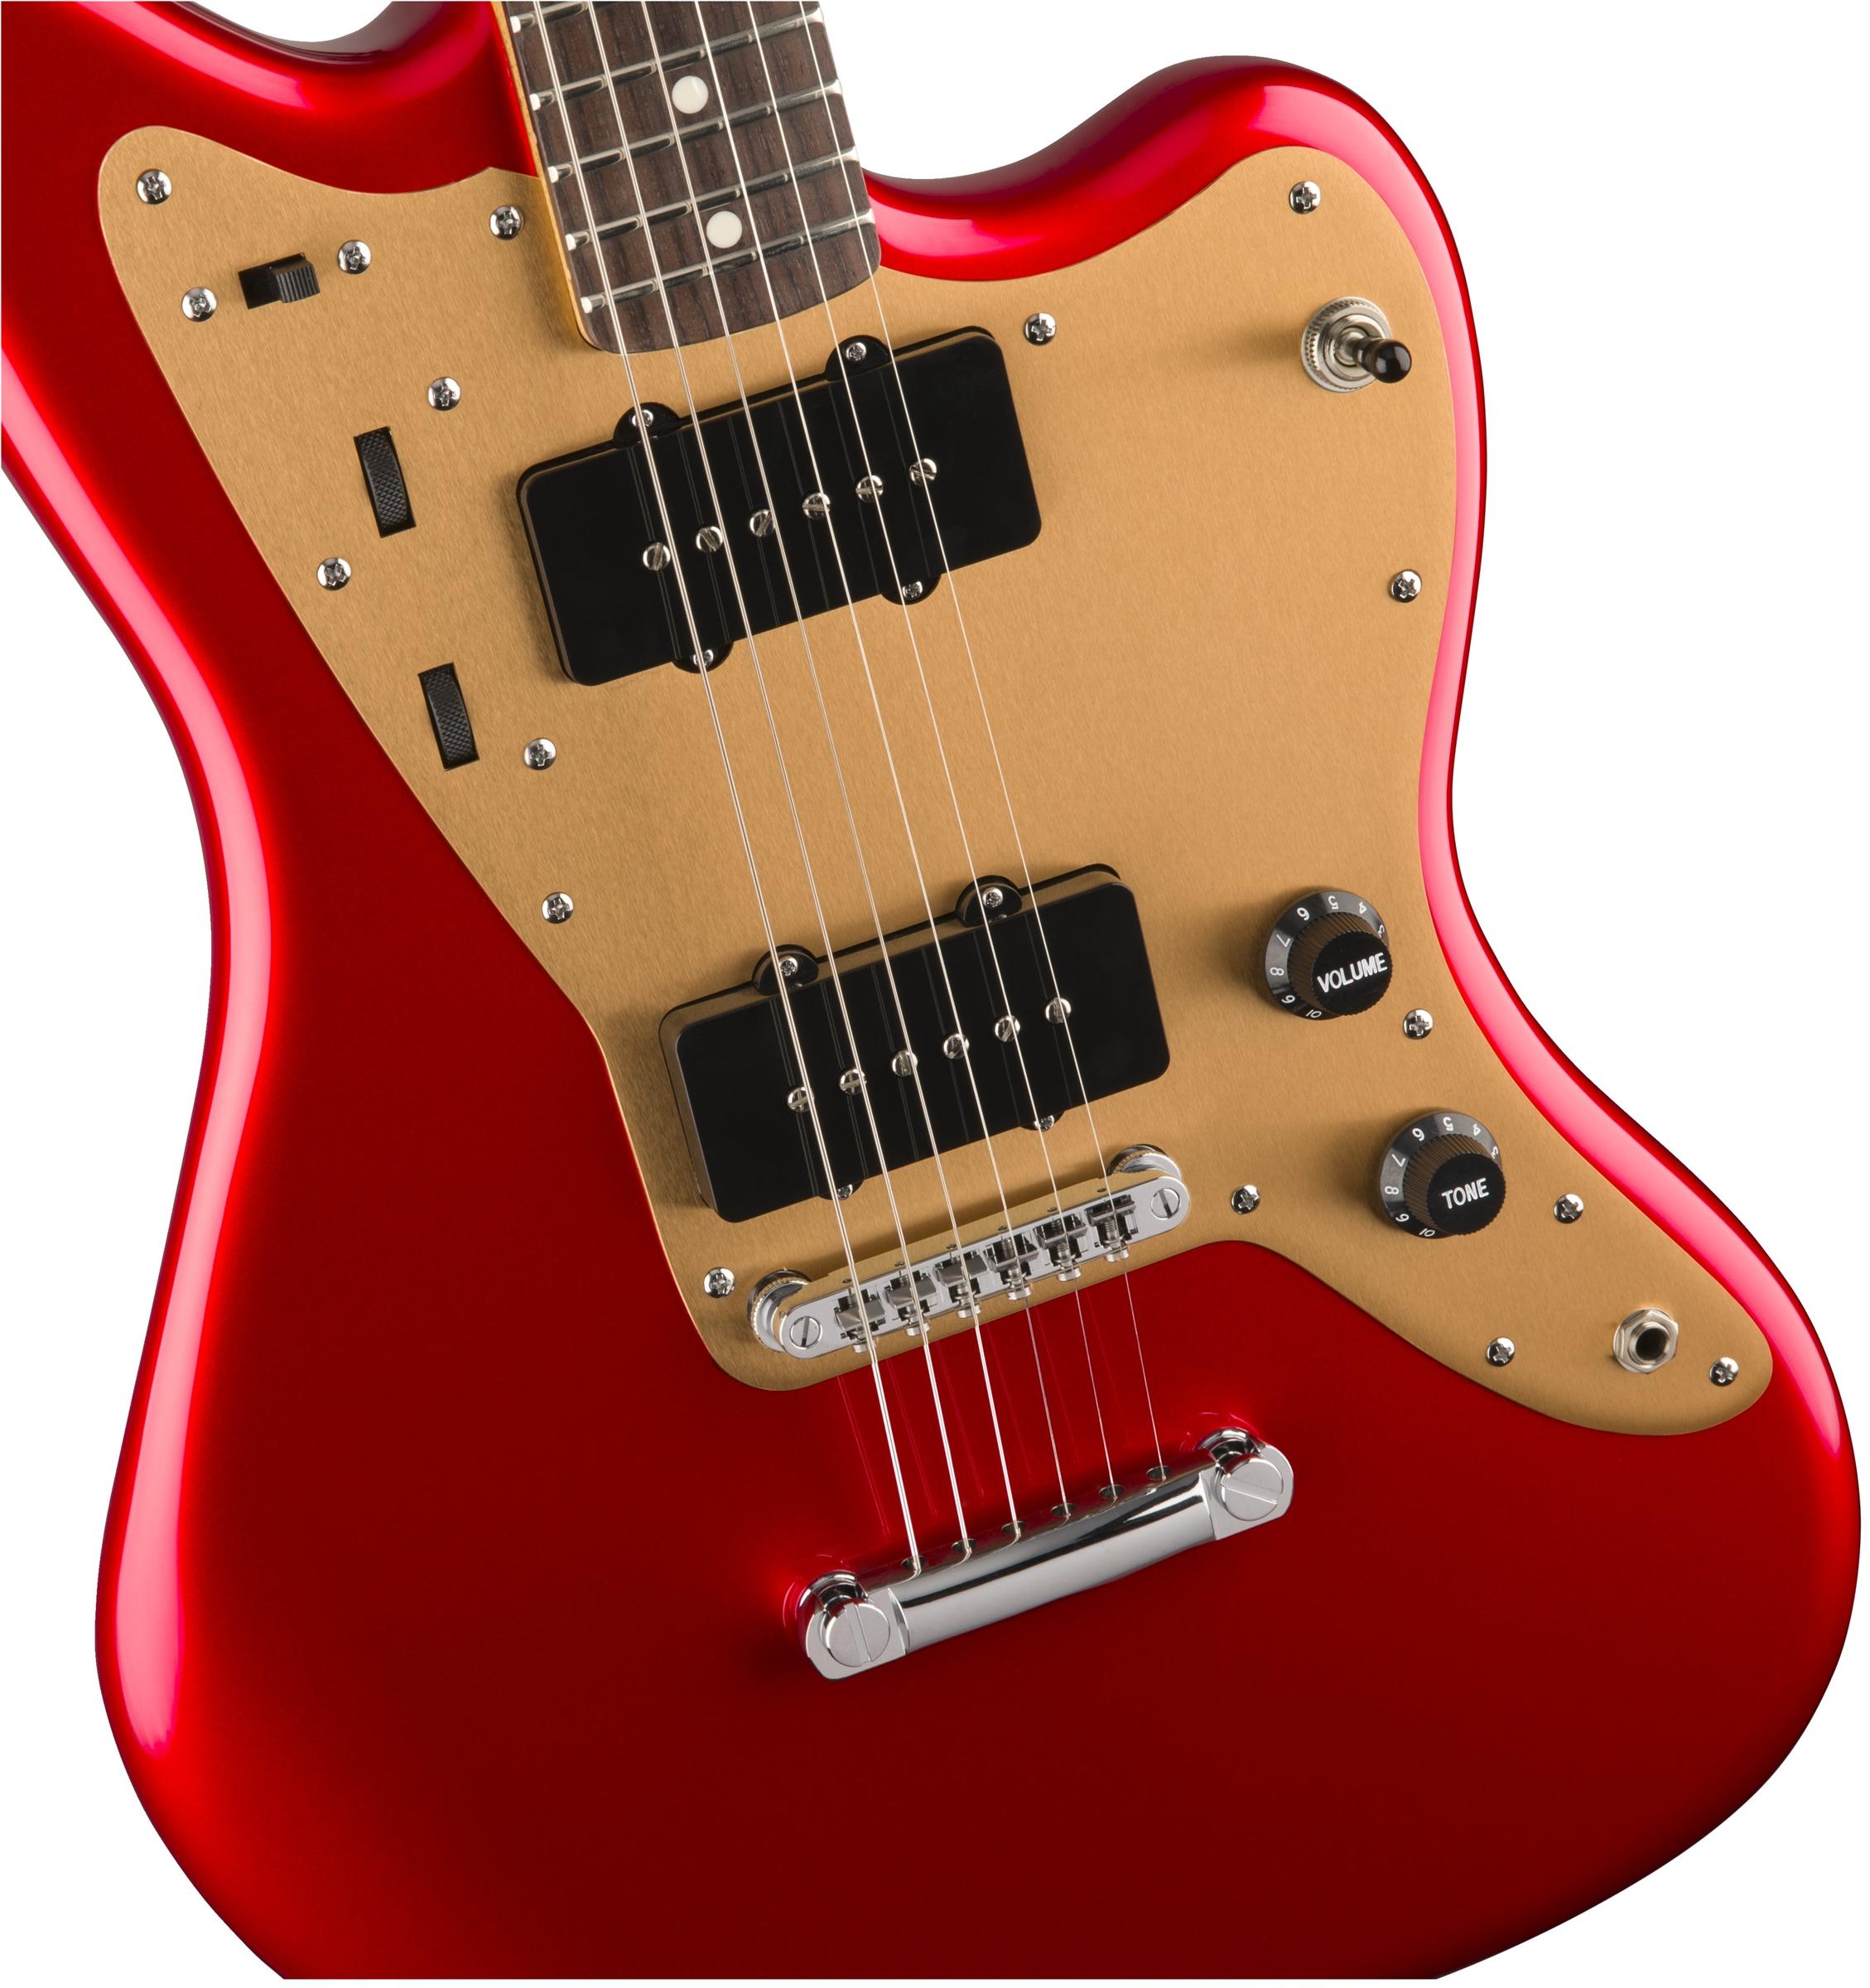 Squier Deluxe Jazzmaster 174 St